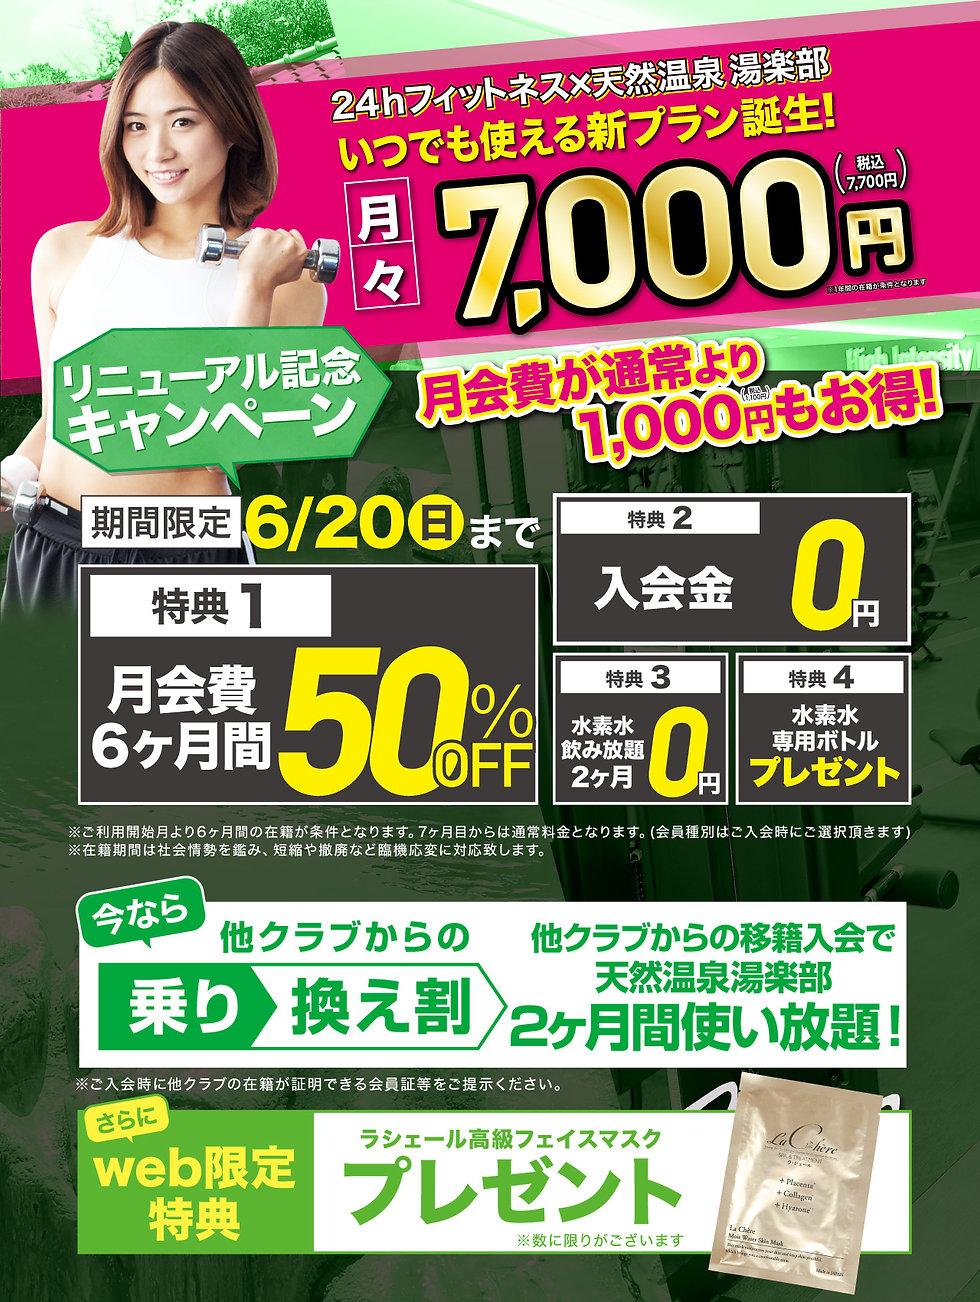 スポレッシュ太田_210620CPweb限定特典1280×1700_小暮.jp